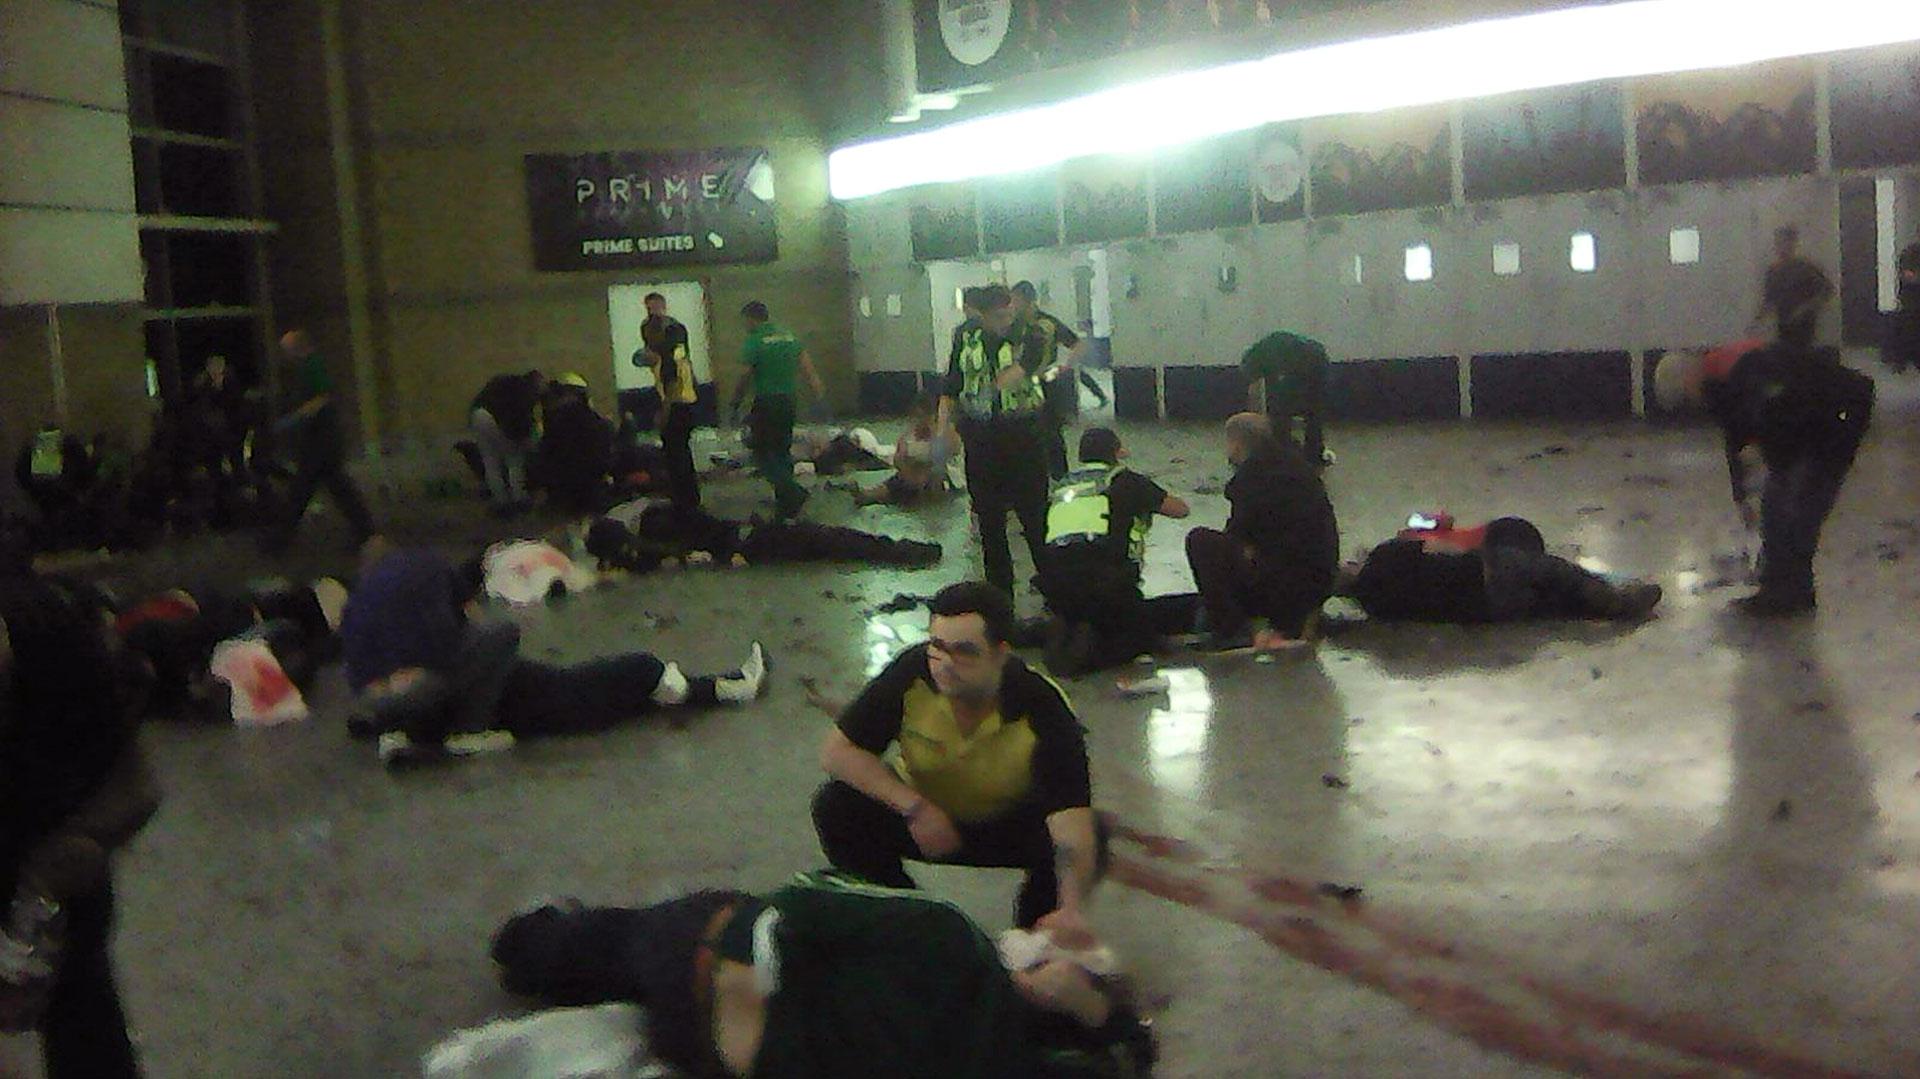 Personal de emergencia atiende a los heridos en el estadio, momentos después de la explosión suicida